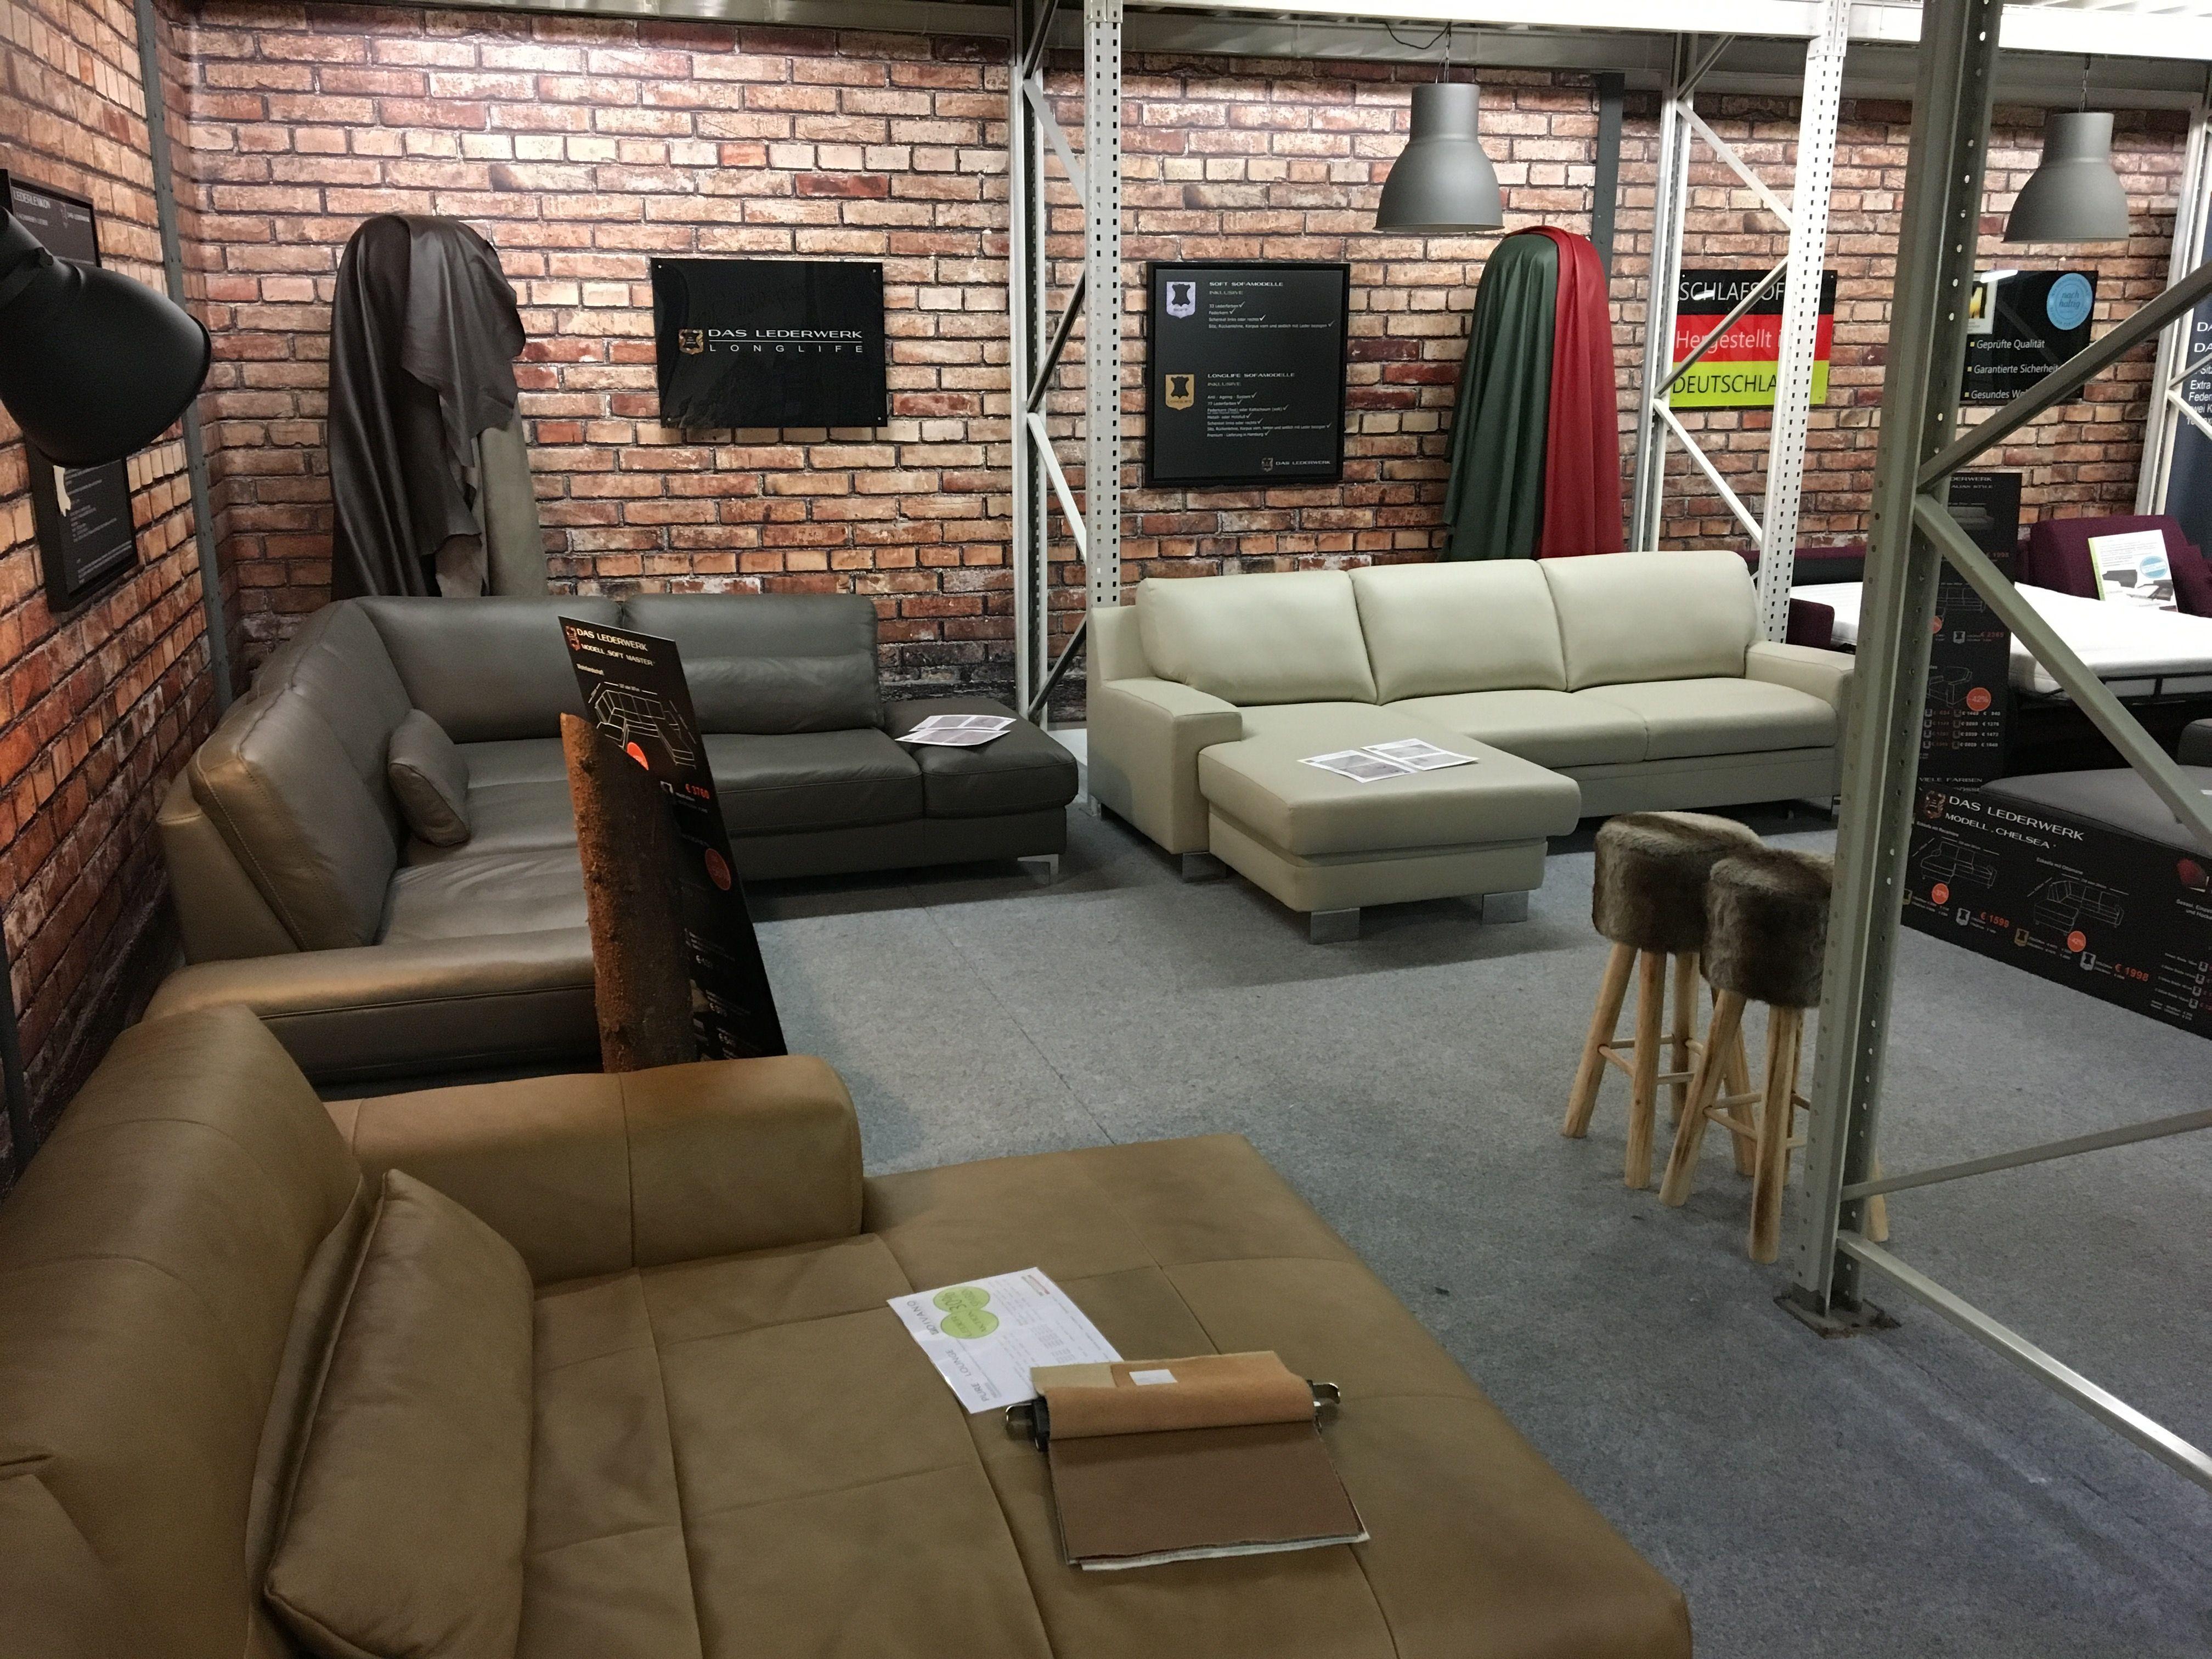 Bemerkenswert Günstige Ecksofas Mit Schlaffunktion Sammlung Von Günstige Sofas Im Sofa Depot Finden. Hier